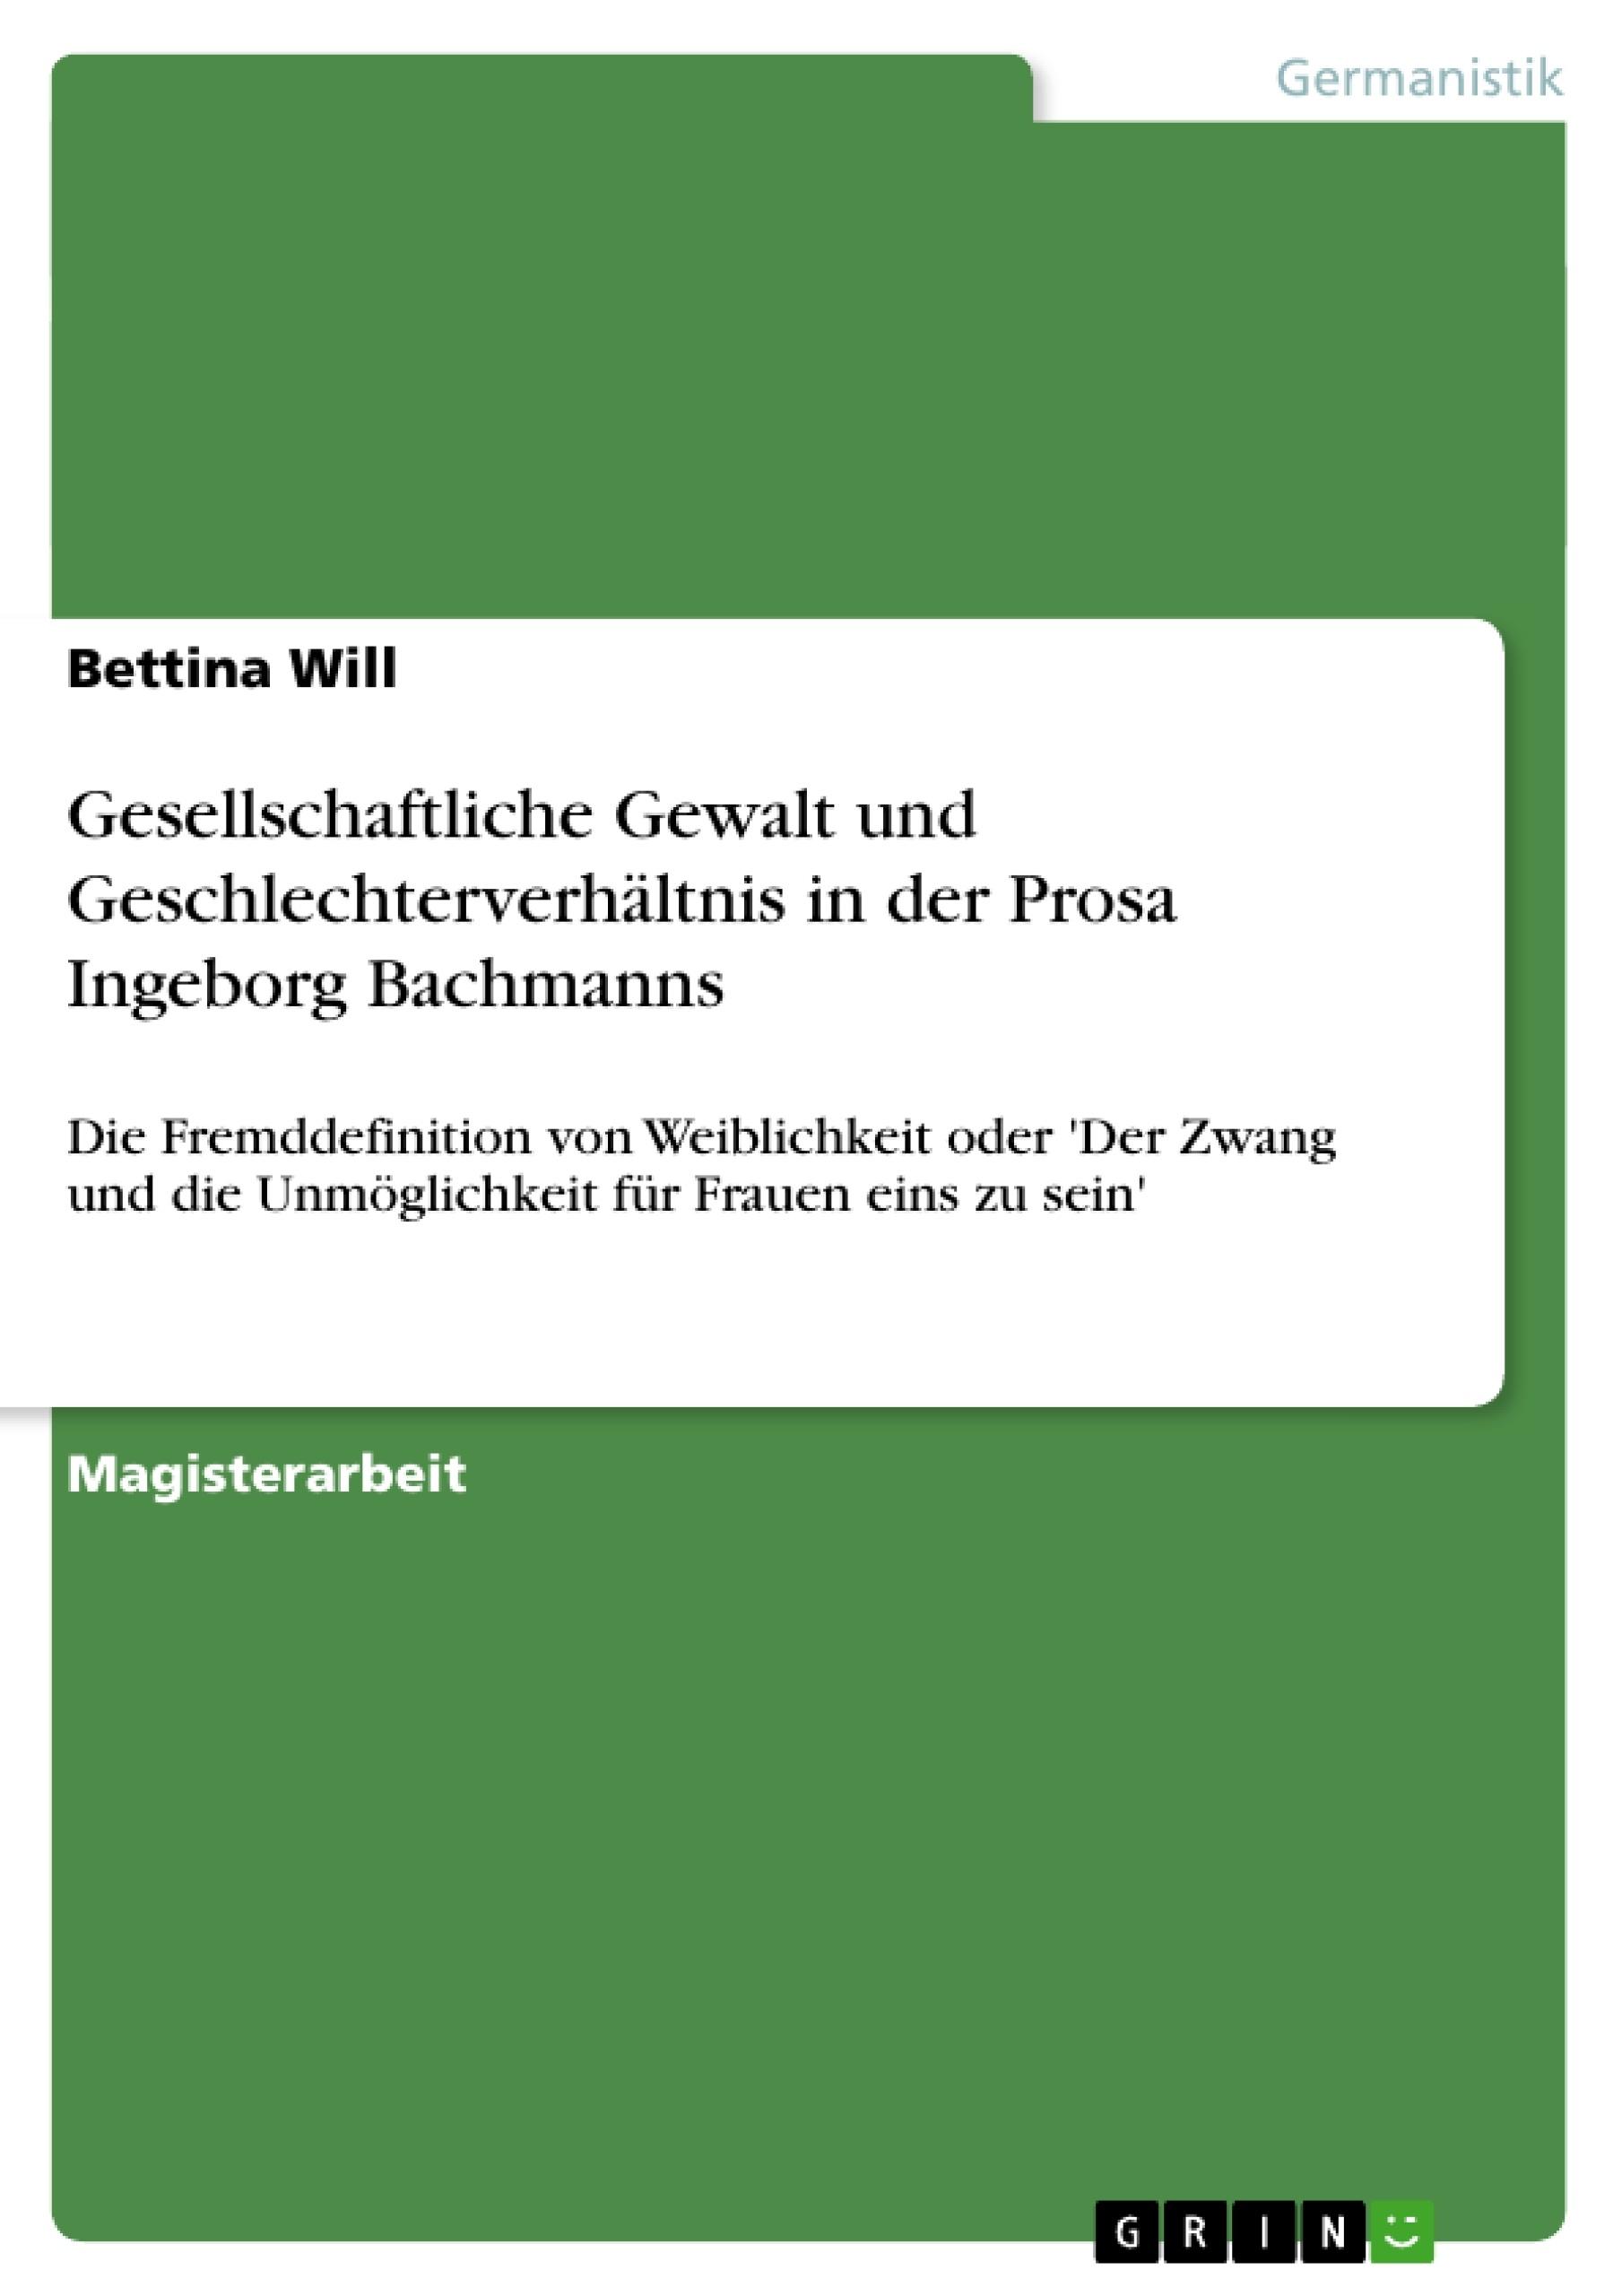 Titel: Gesellschaftliche Gewalt und Geschlechterverhältnis in der Prosa Ingeborg Bachmanns